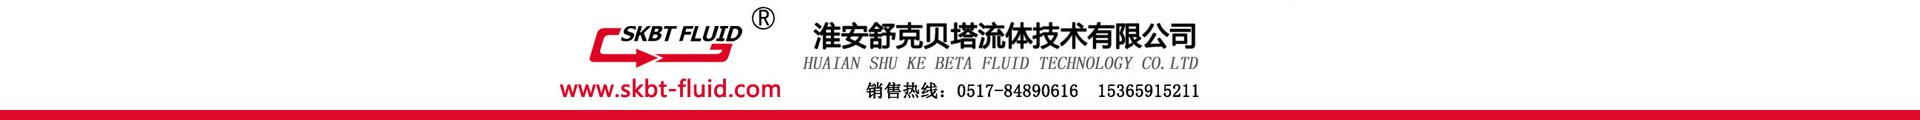 淮安舒克貝塔流體技術有限公司